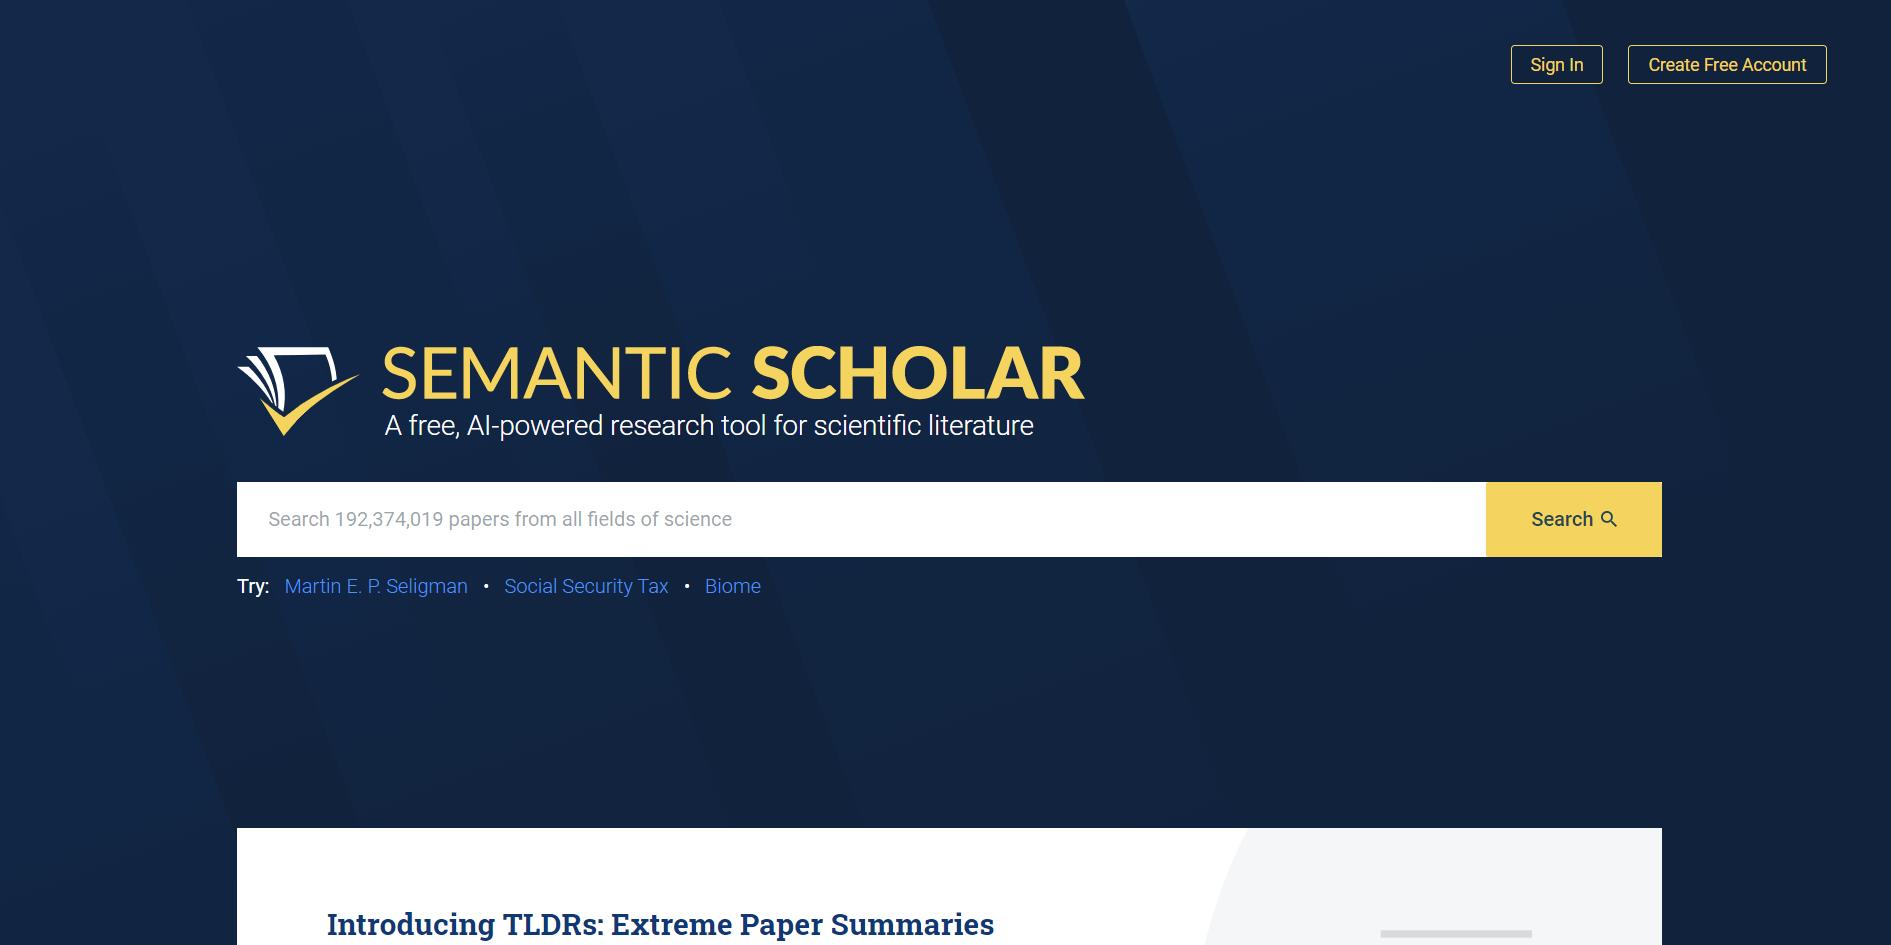 学术搜索引擎-论文必备工具-Semantic Scholar